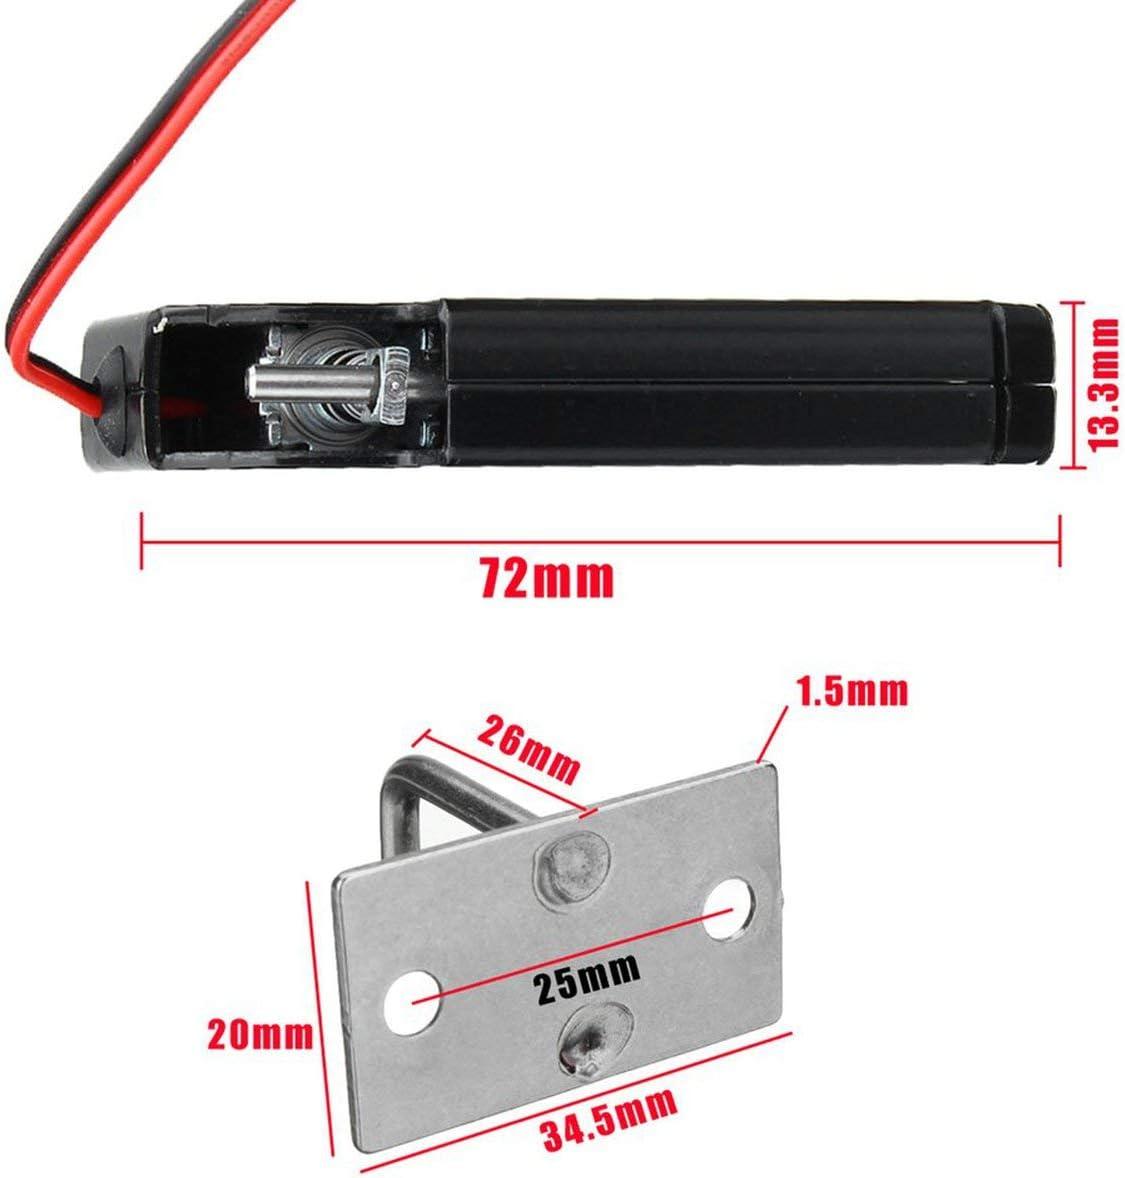 330lb /Électrique Serrure Magn/étique Contr/ôle Dacc/ès De Porte DC 12V Cabinet Tiroir Serrure /Électromagn/étique avec D/éverrouillage Durgence-noir BCVBFGCXVB 150KG